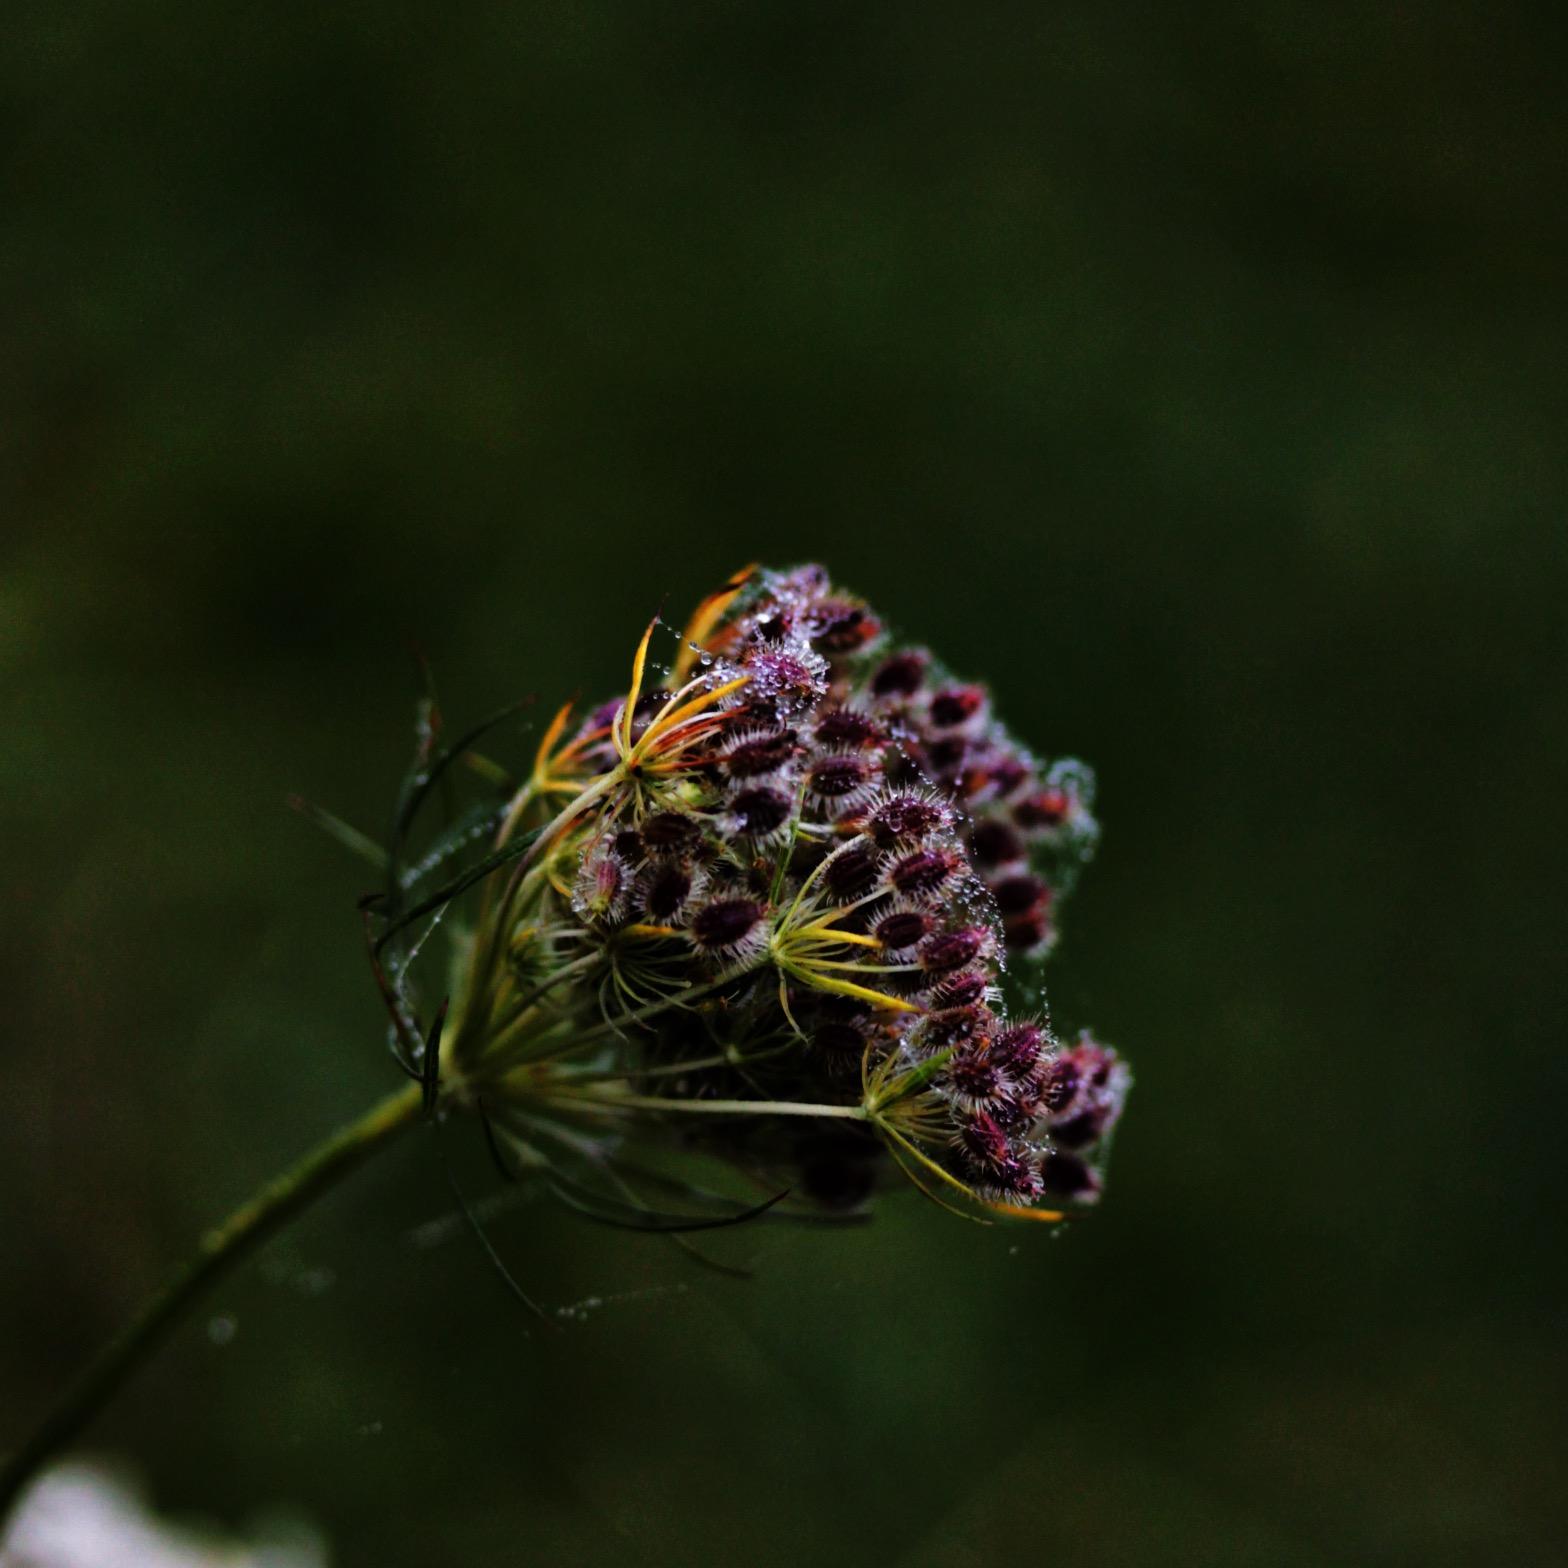 Wildflowers in their winter's slumber.